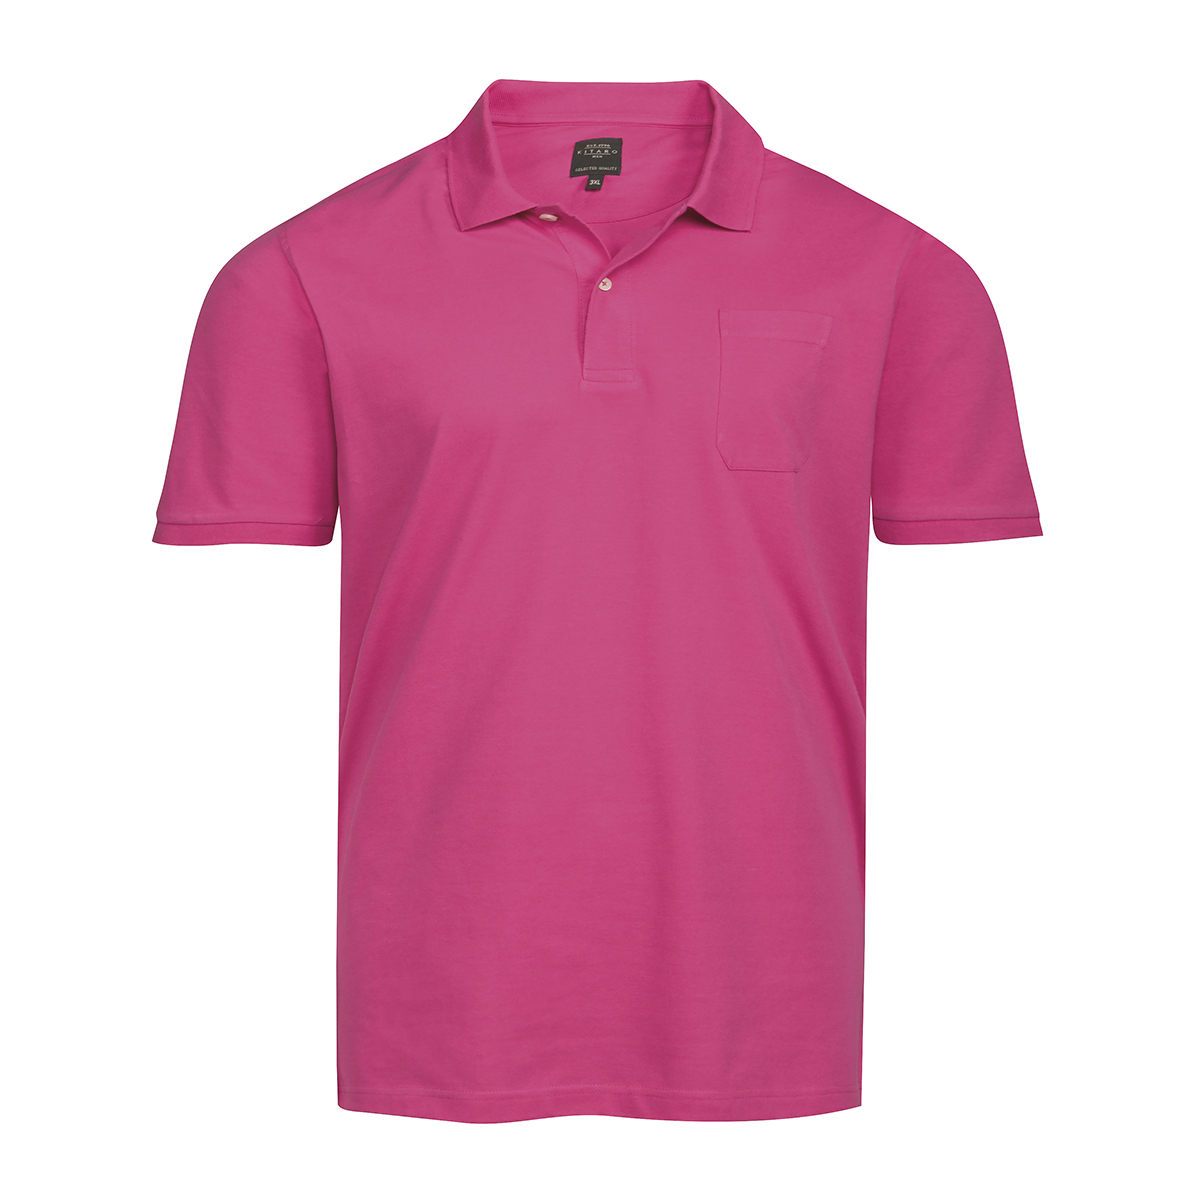 Übergröße Kitaro Basic XXL Poloshirt himbeerrot 3XL 4XL 5XL 6XL 7XL 8XL 10XL NEU